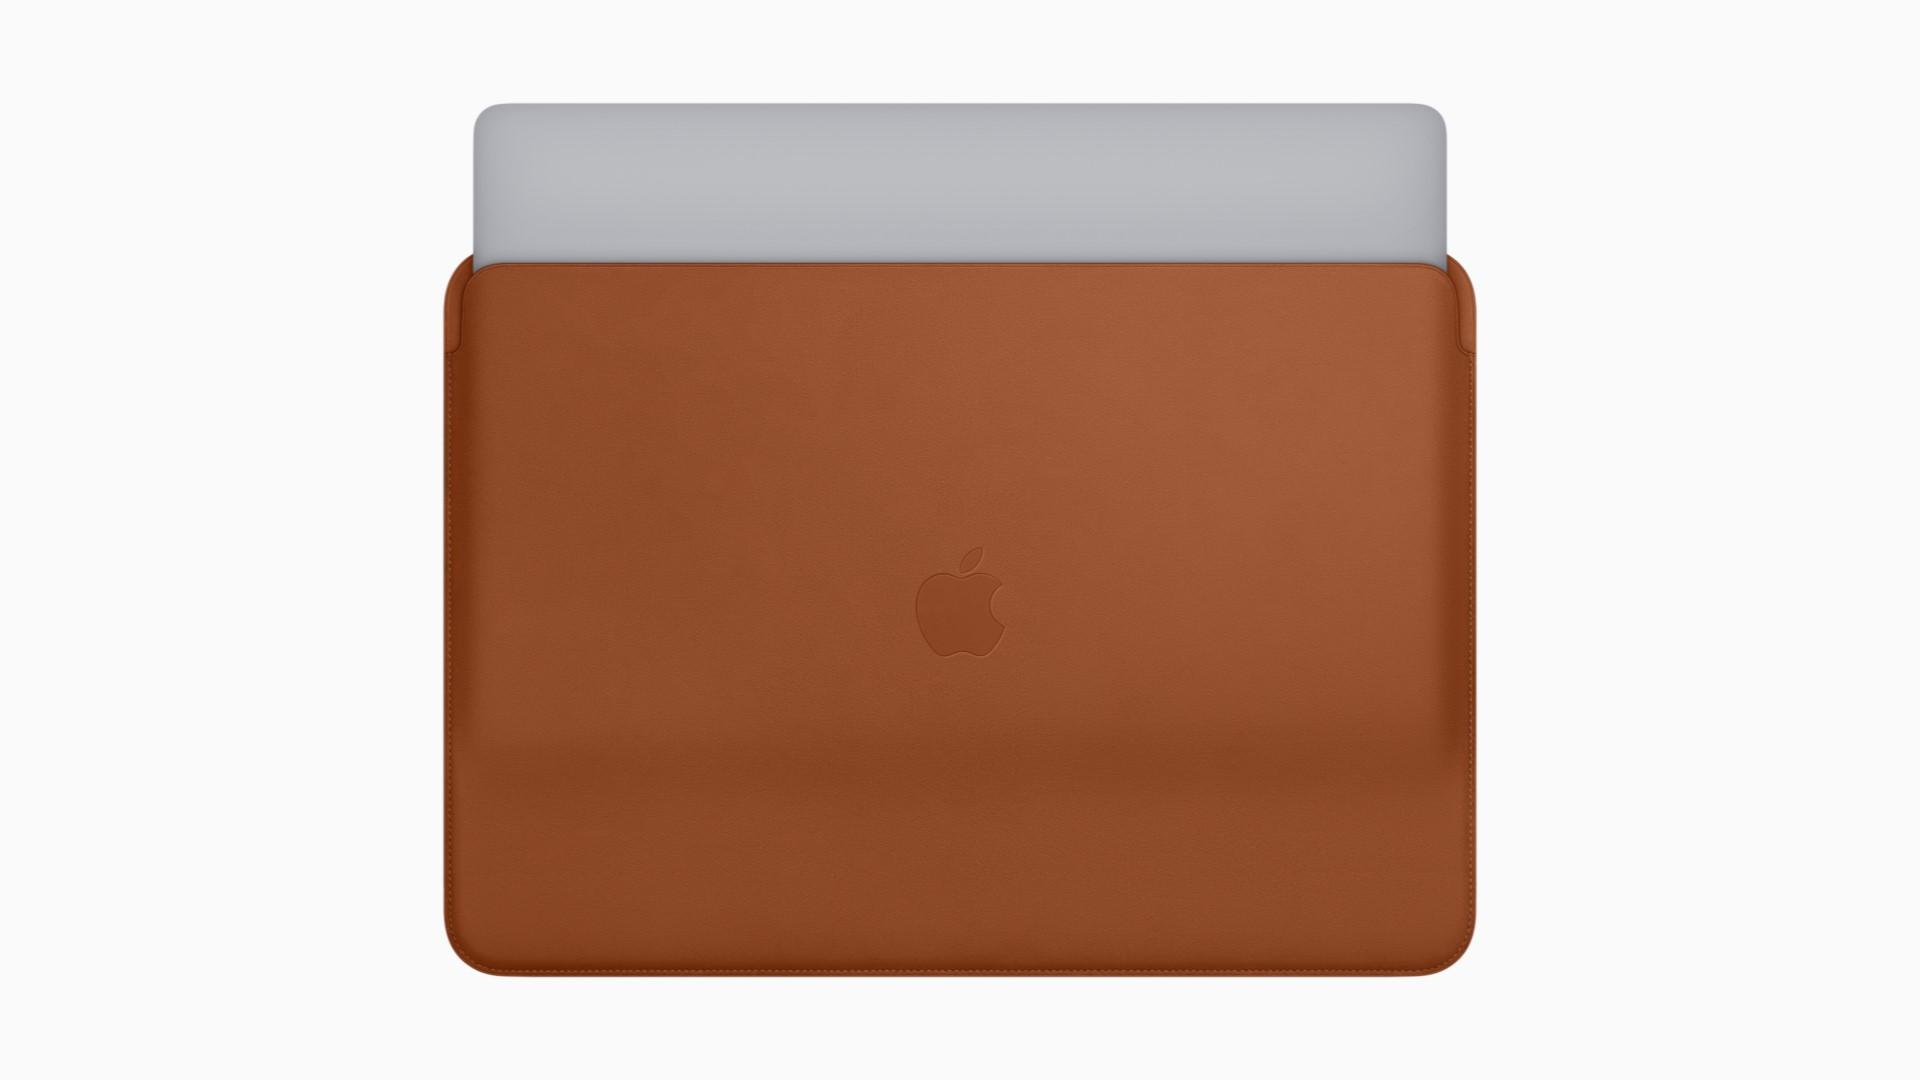 Изображение MacBook Pro 2018 в кожаном чехле коричневого цвета